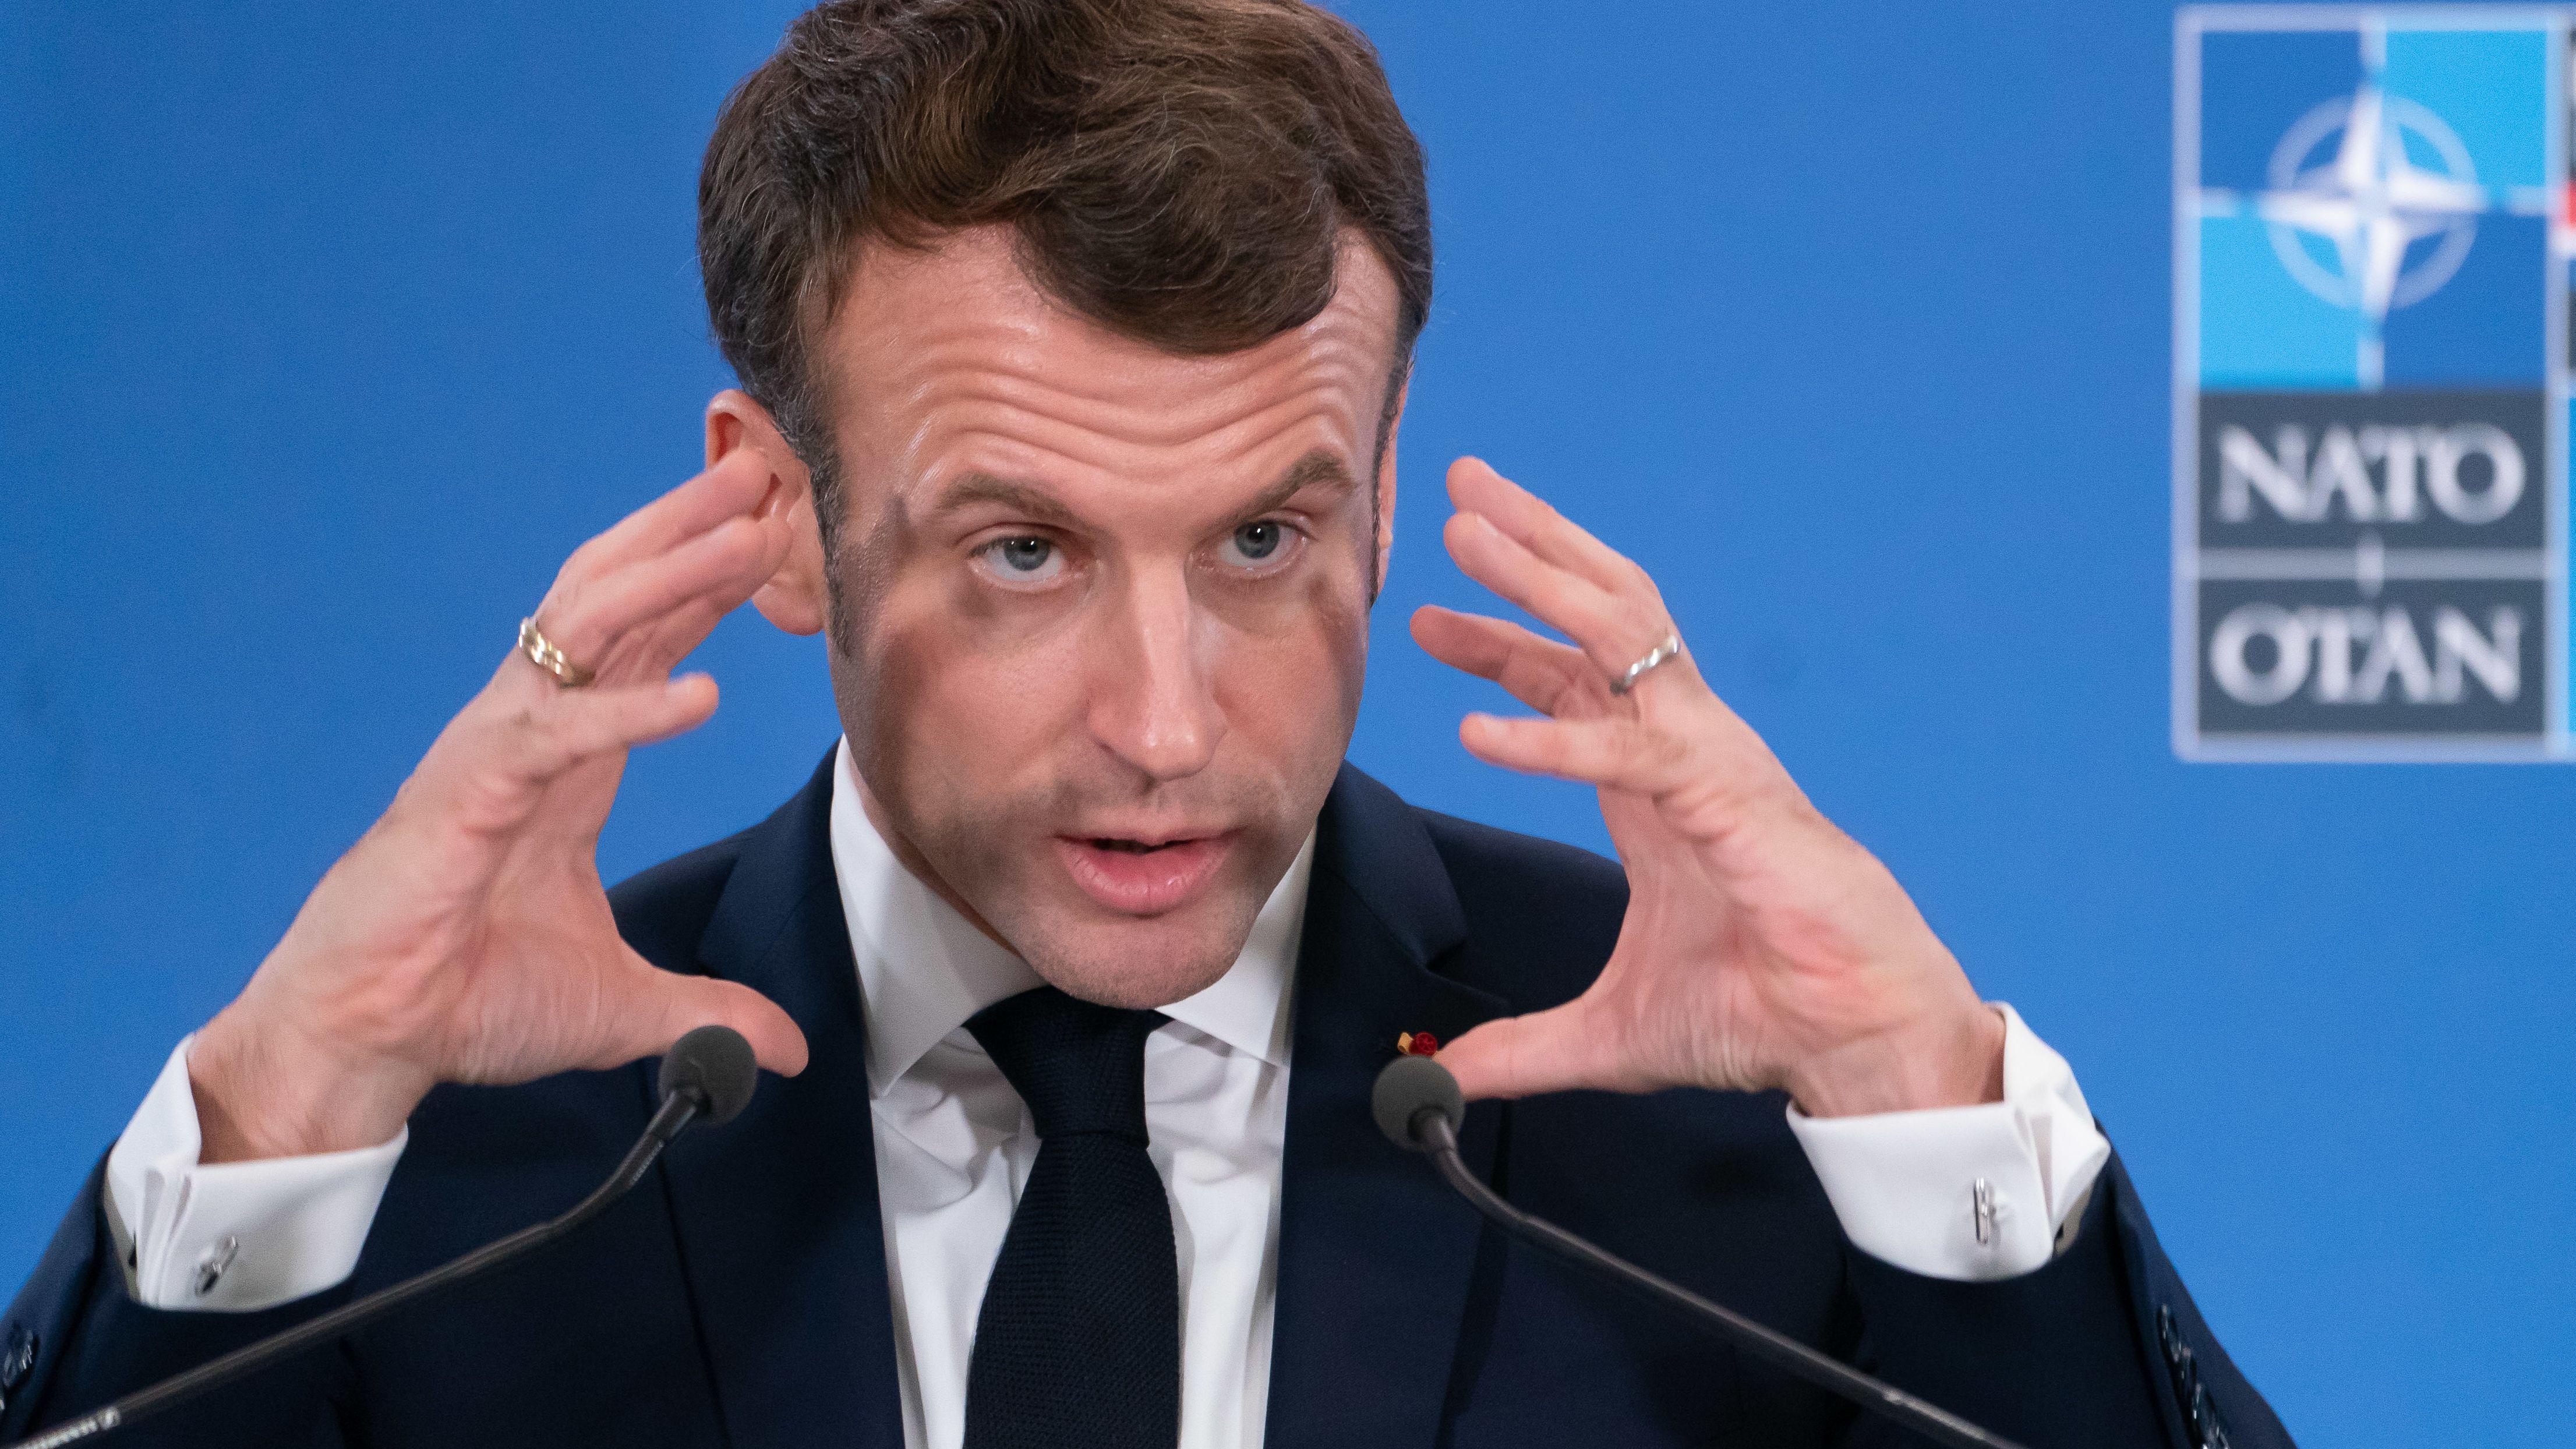 Emmanuel Macron spricht bei einer Pressekonferenz nach der Arbeitssitzung des Nato Gipfels im Februar 2020.